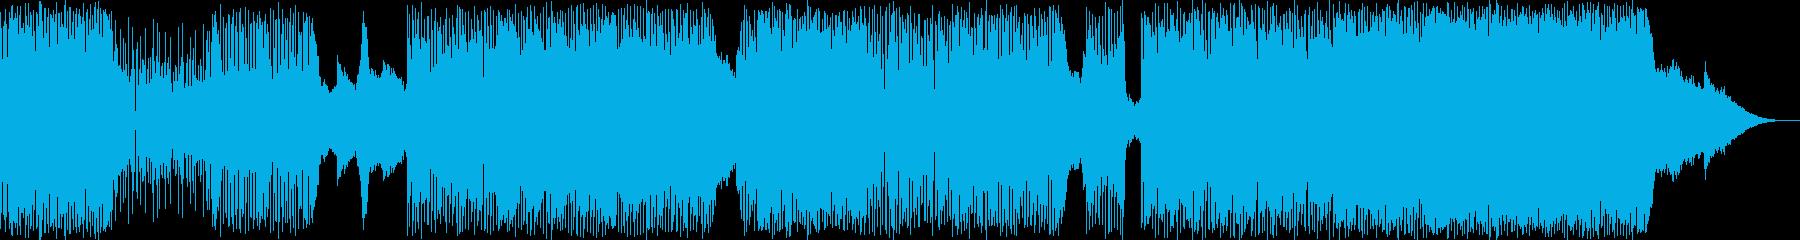 ギターベースのバックグラウンドミュ...の再生済みの波形